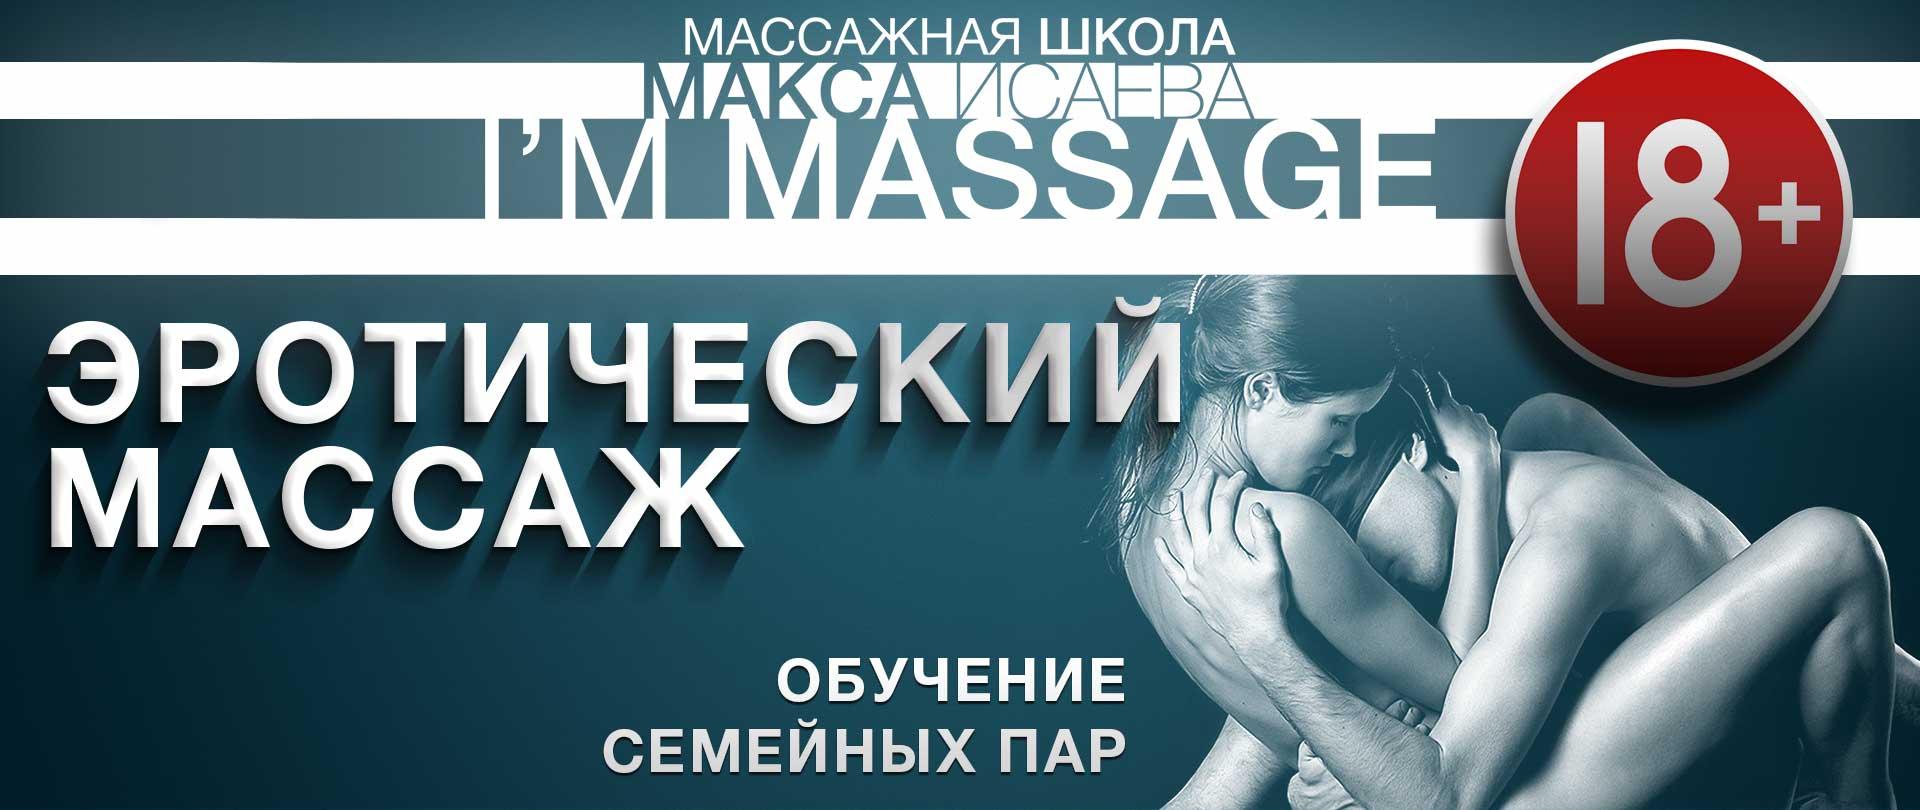 эротический массажа обучение семейных пар